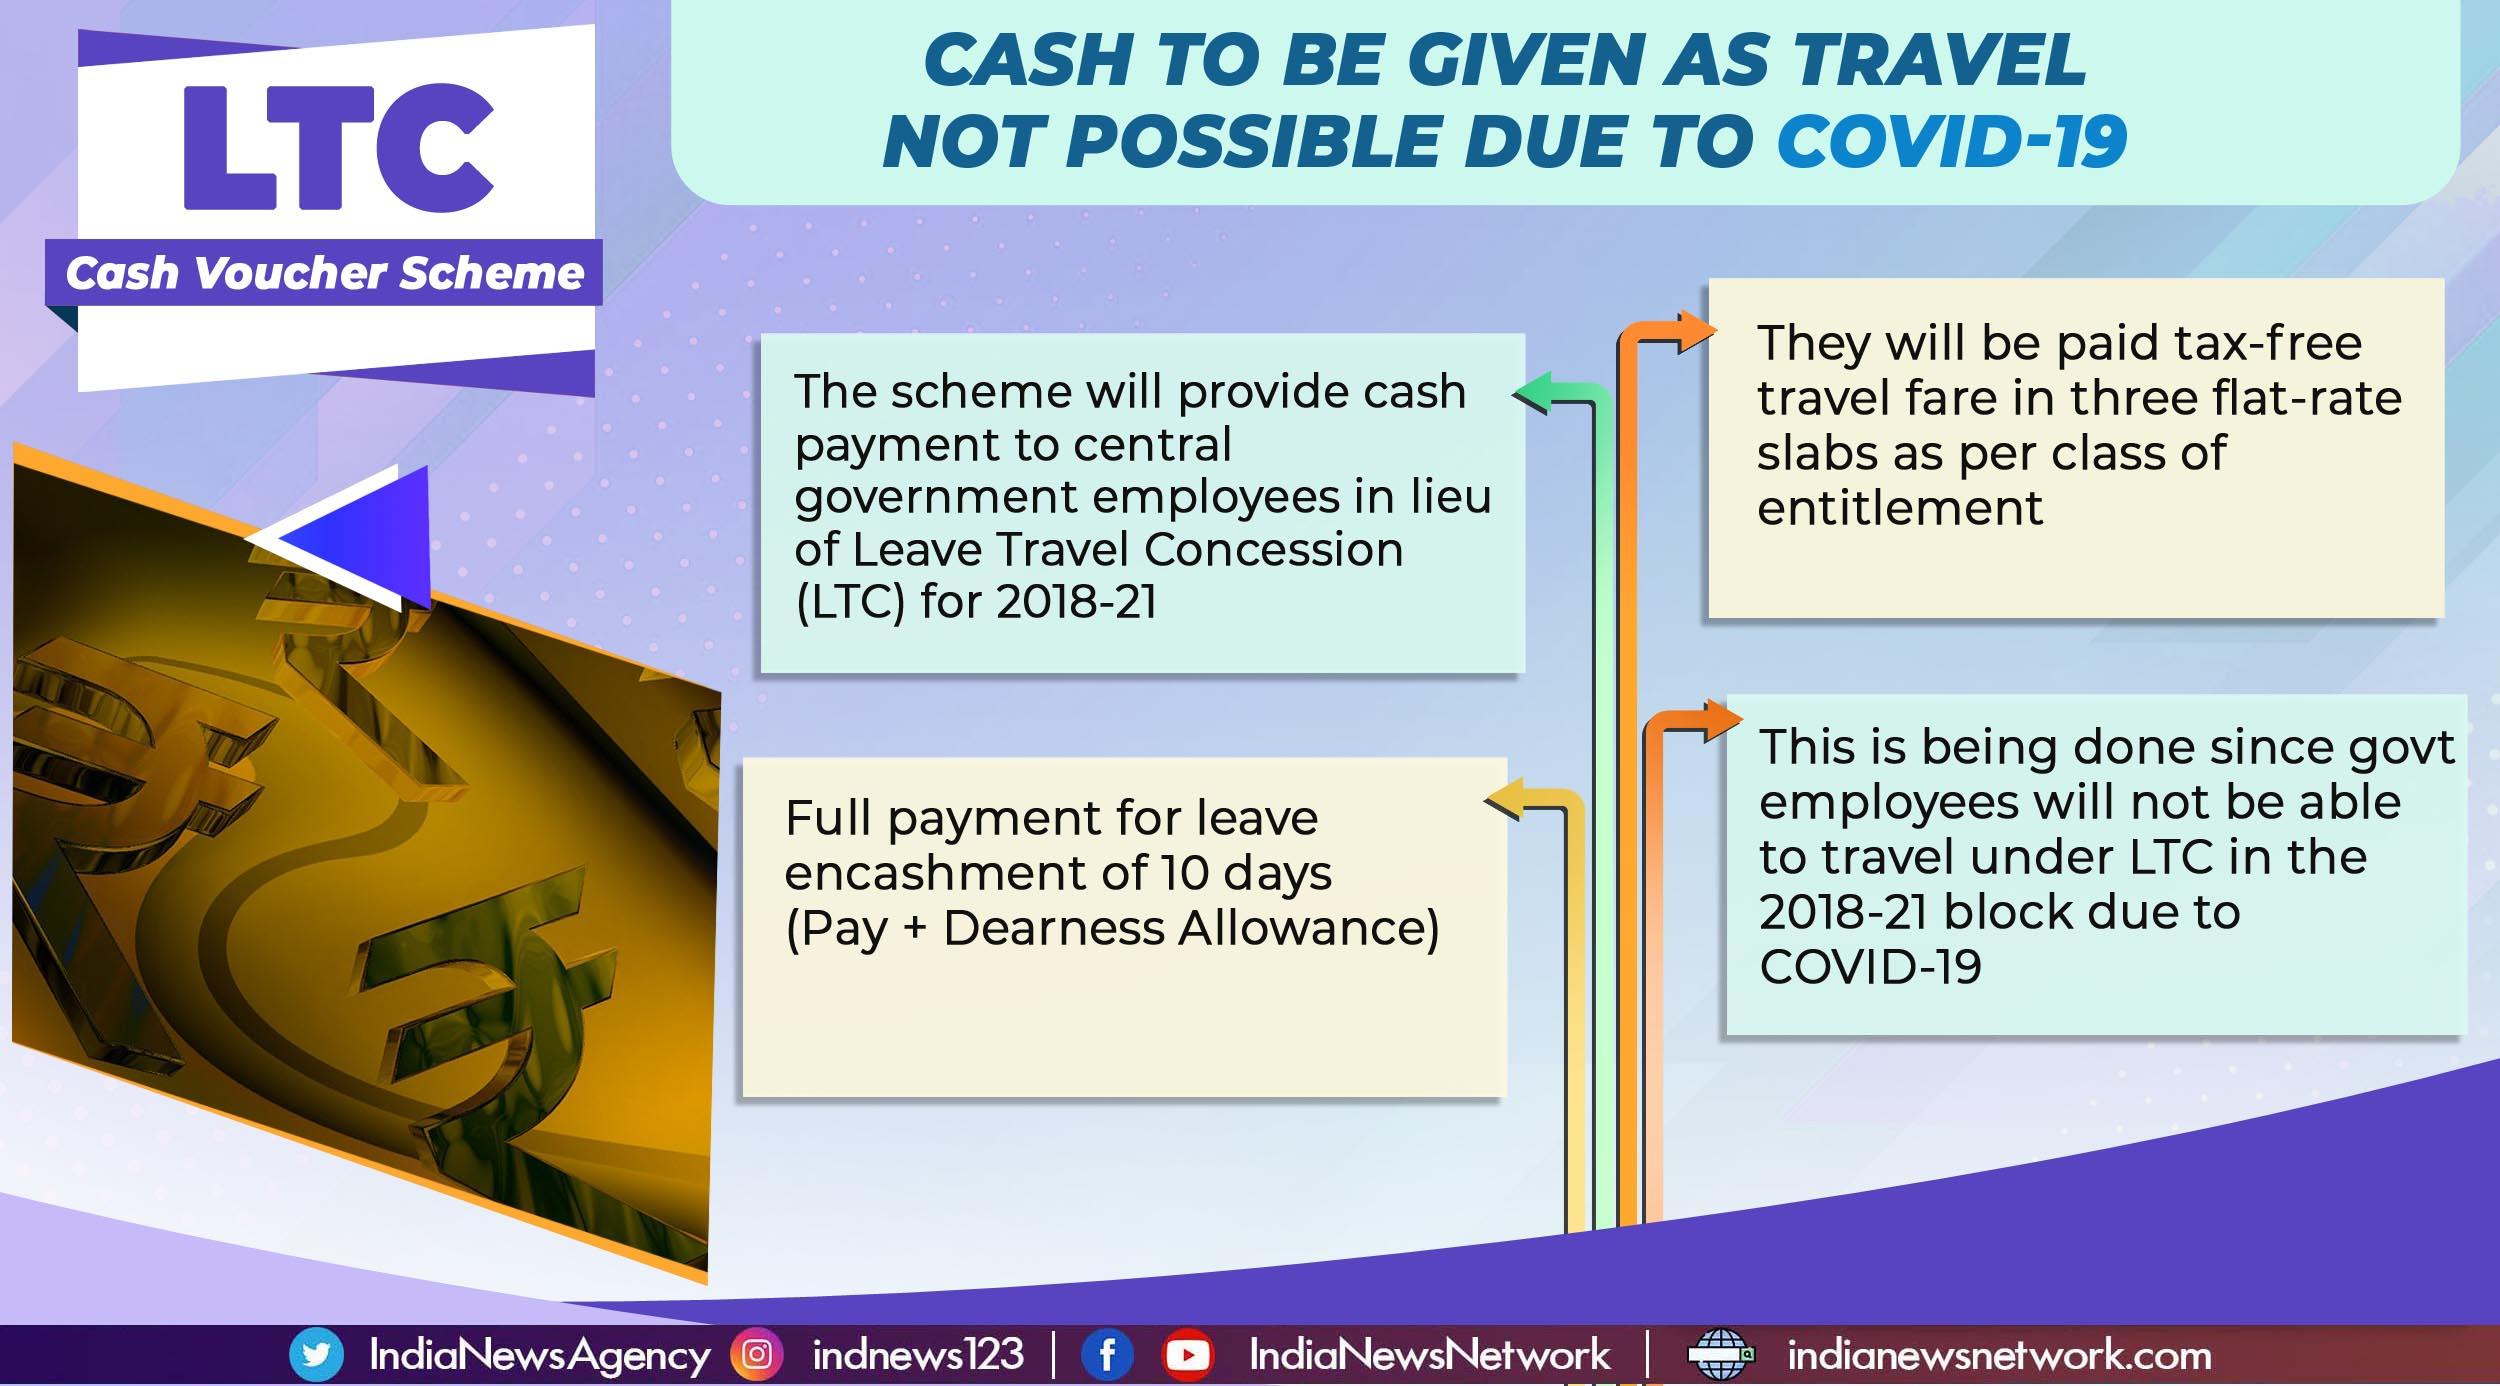 LTC Cash Voucher Scheme: How Modi govt plans to spur consumer demand